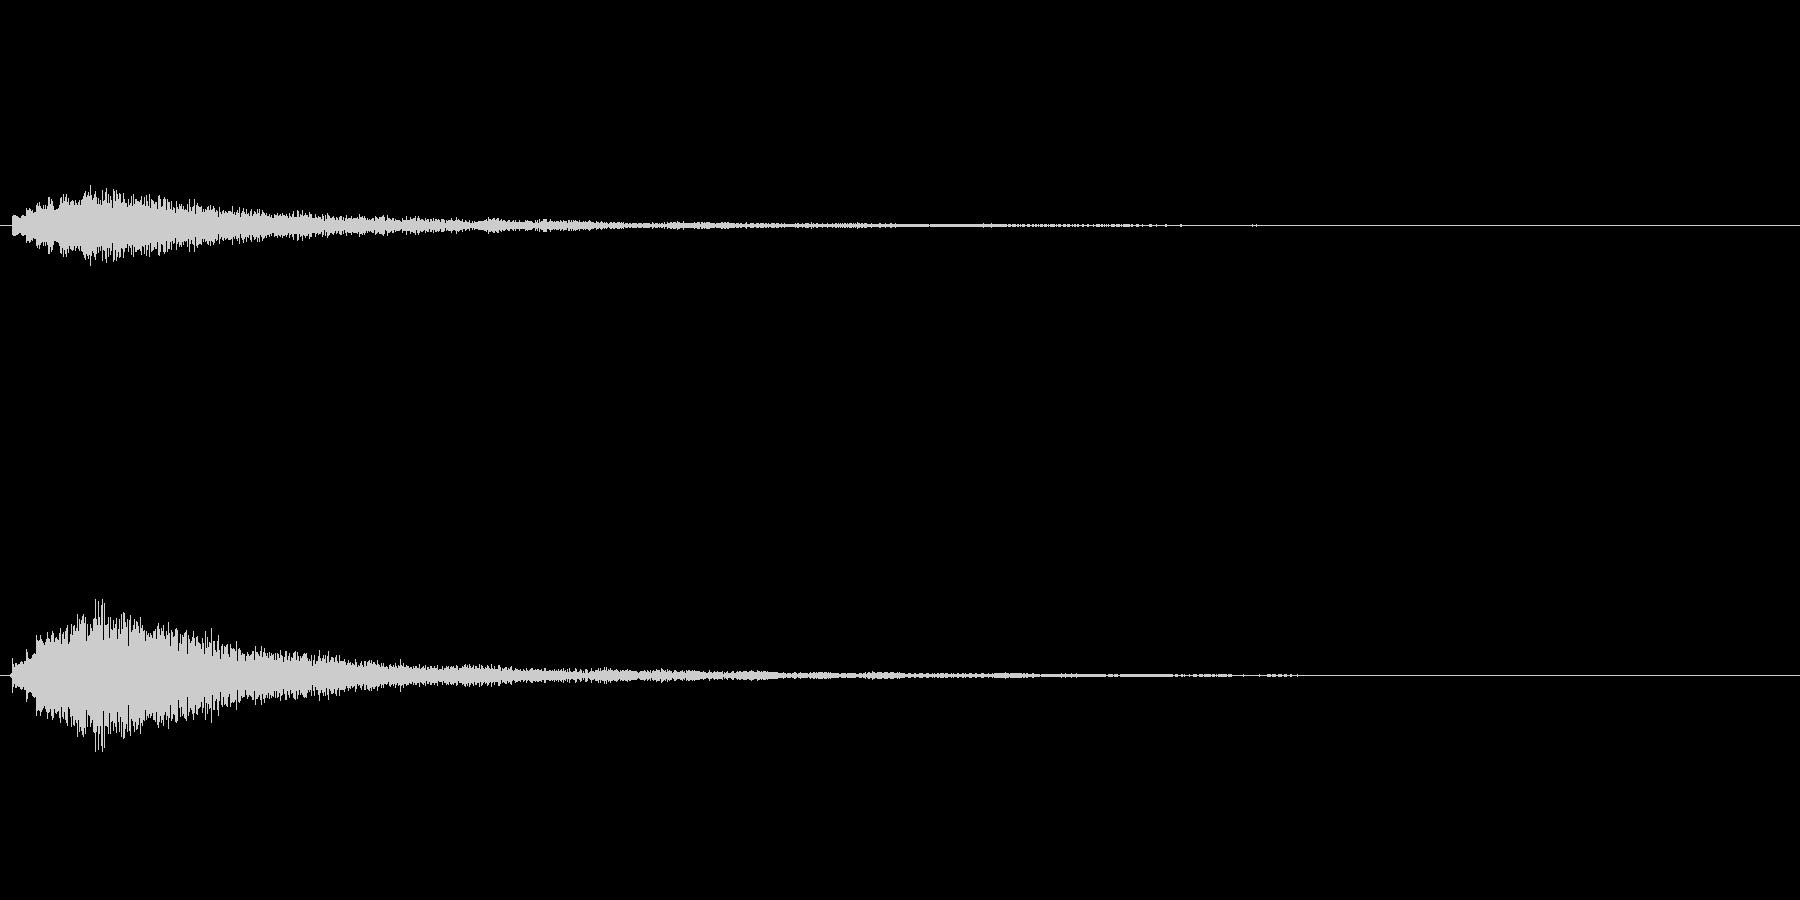 キラキラ系_042の未再生の波形